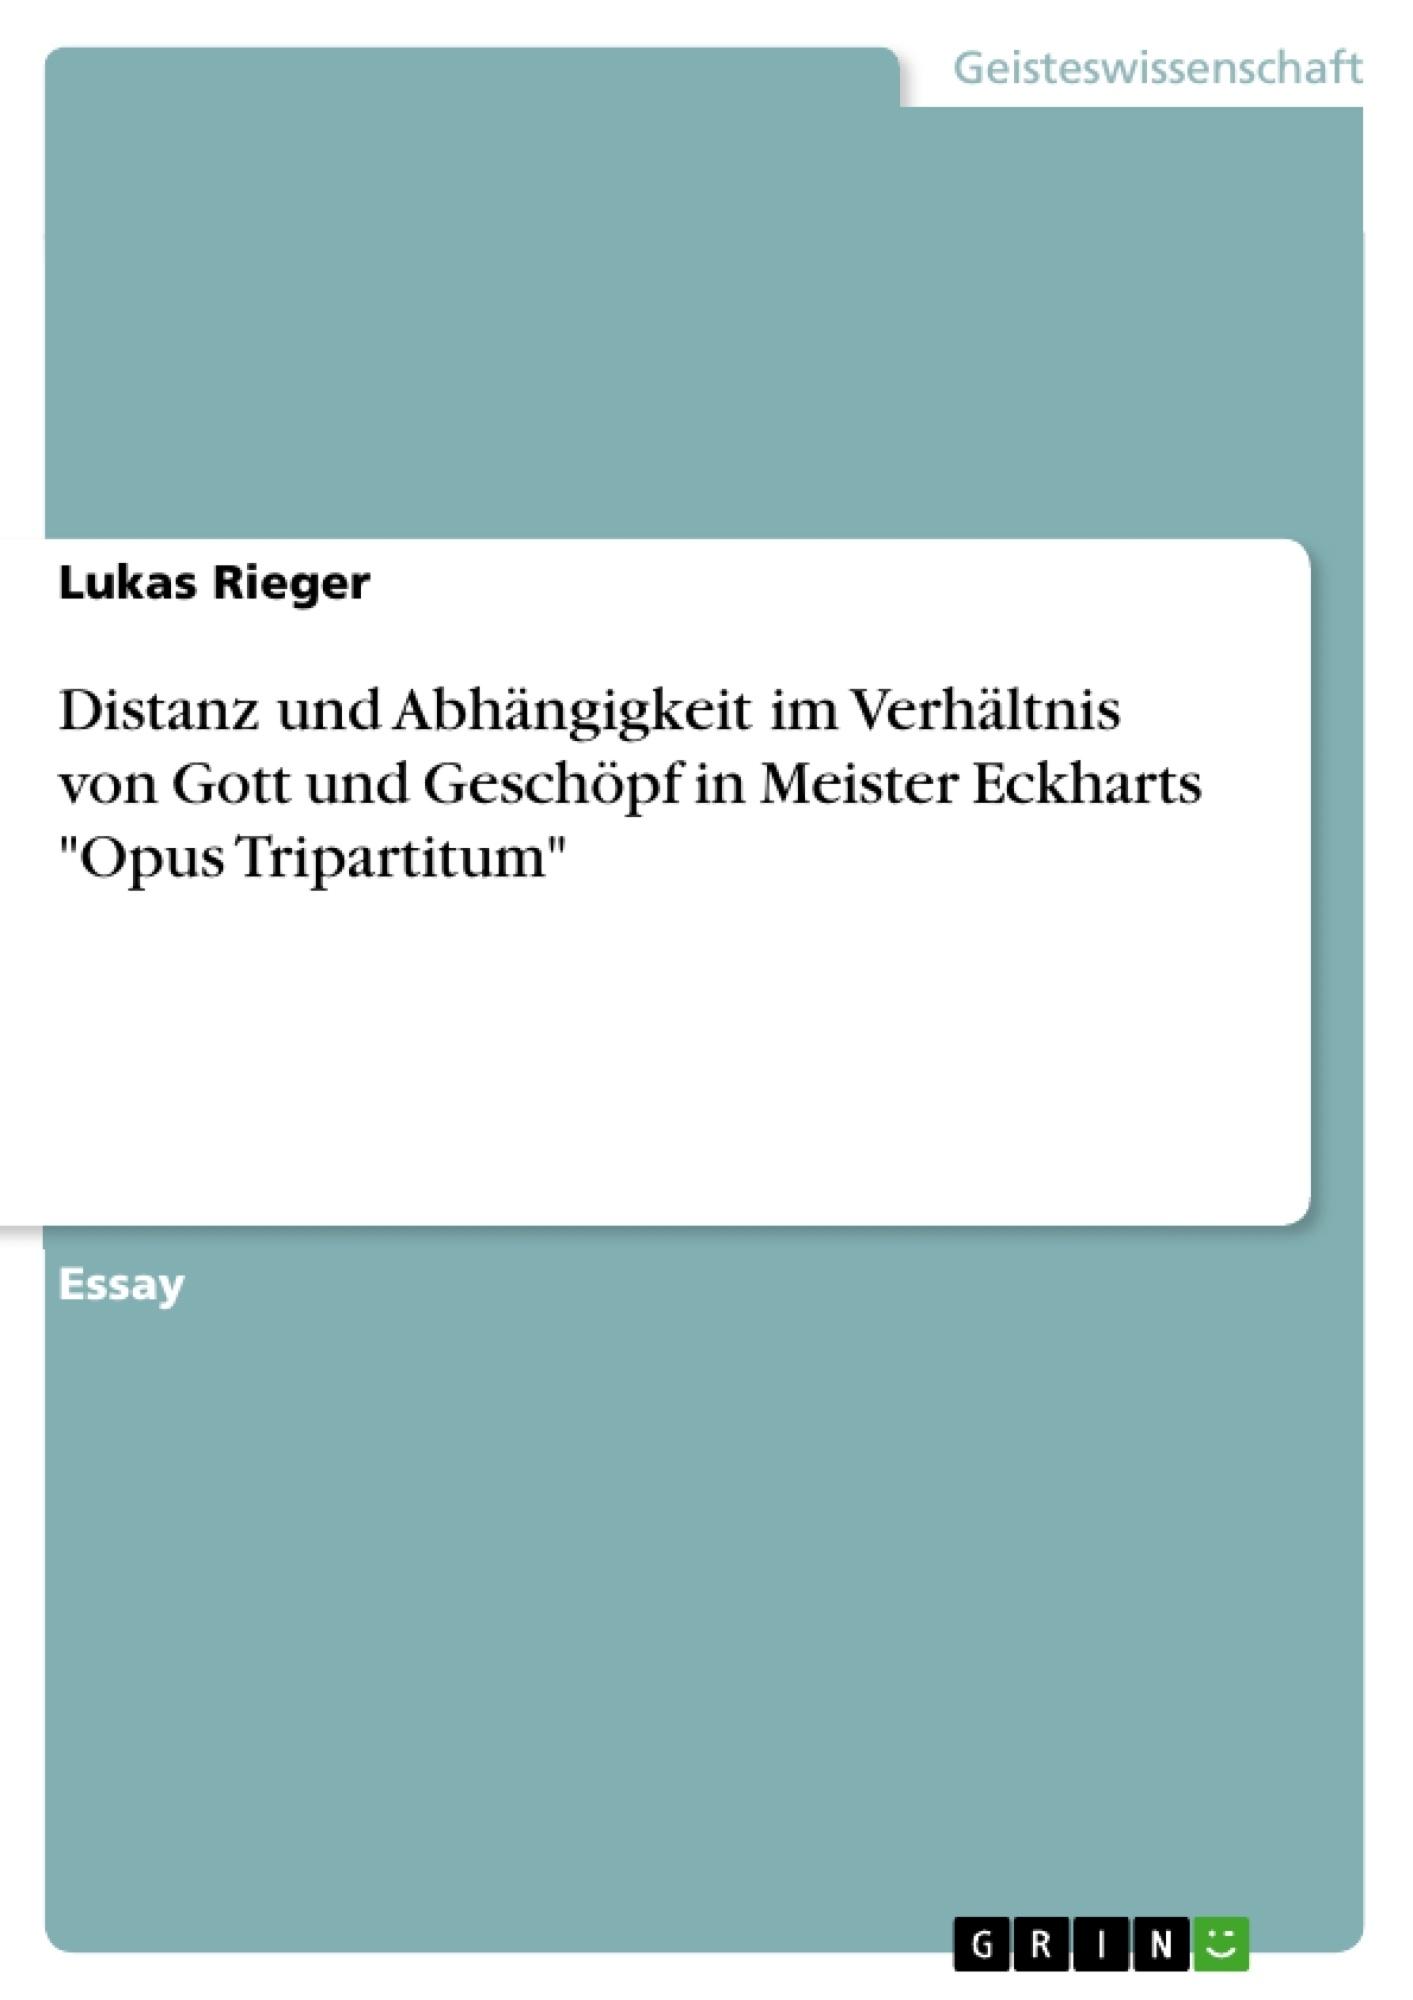 """Titel: Distanz und Abhängigkeit im Verhältnis von Gott und Geschöpf in Meister Eckharts """"Opus Tripartitum"""""""